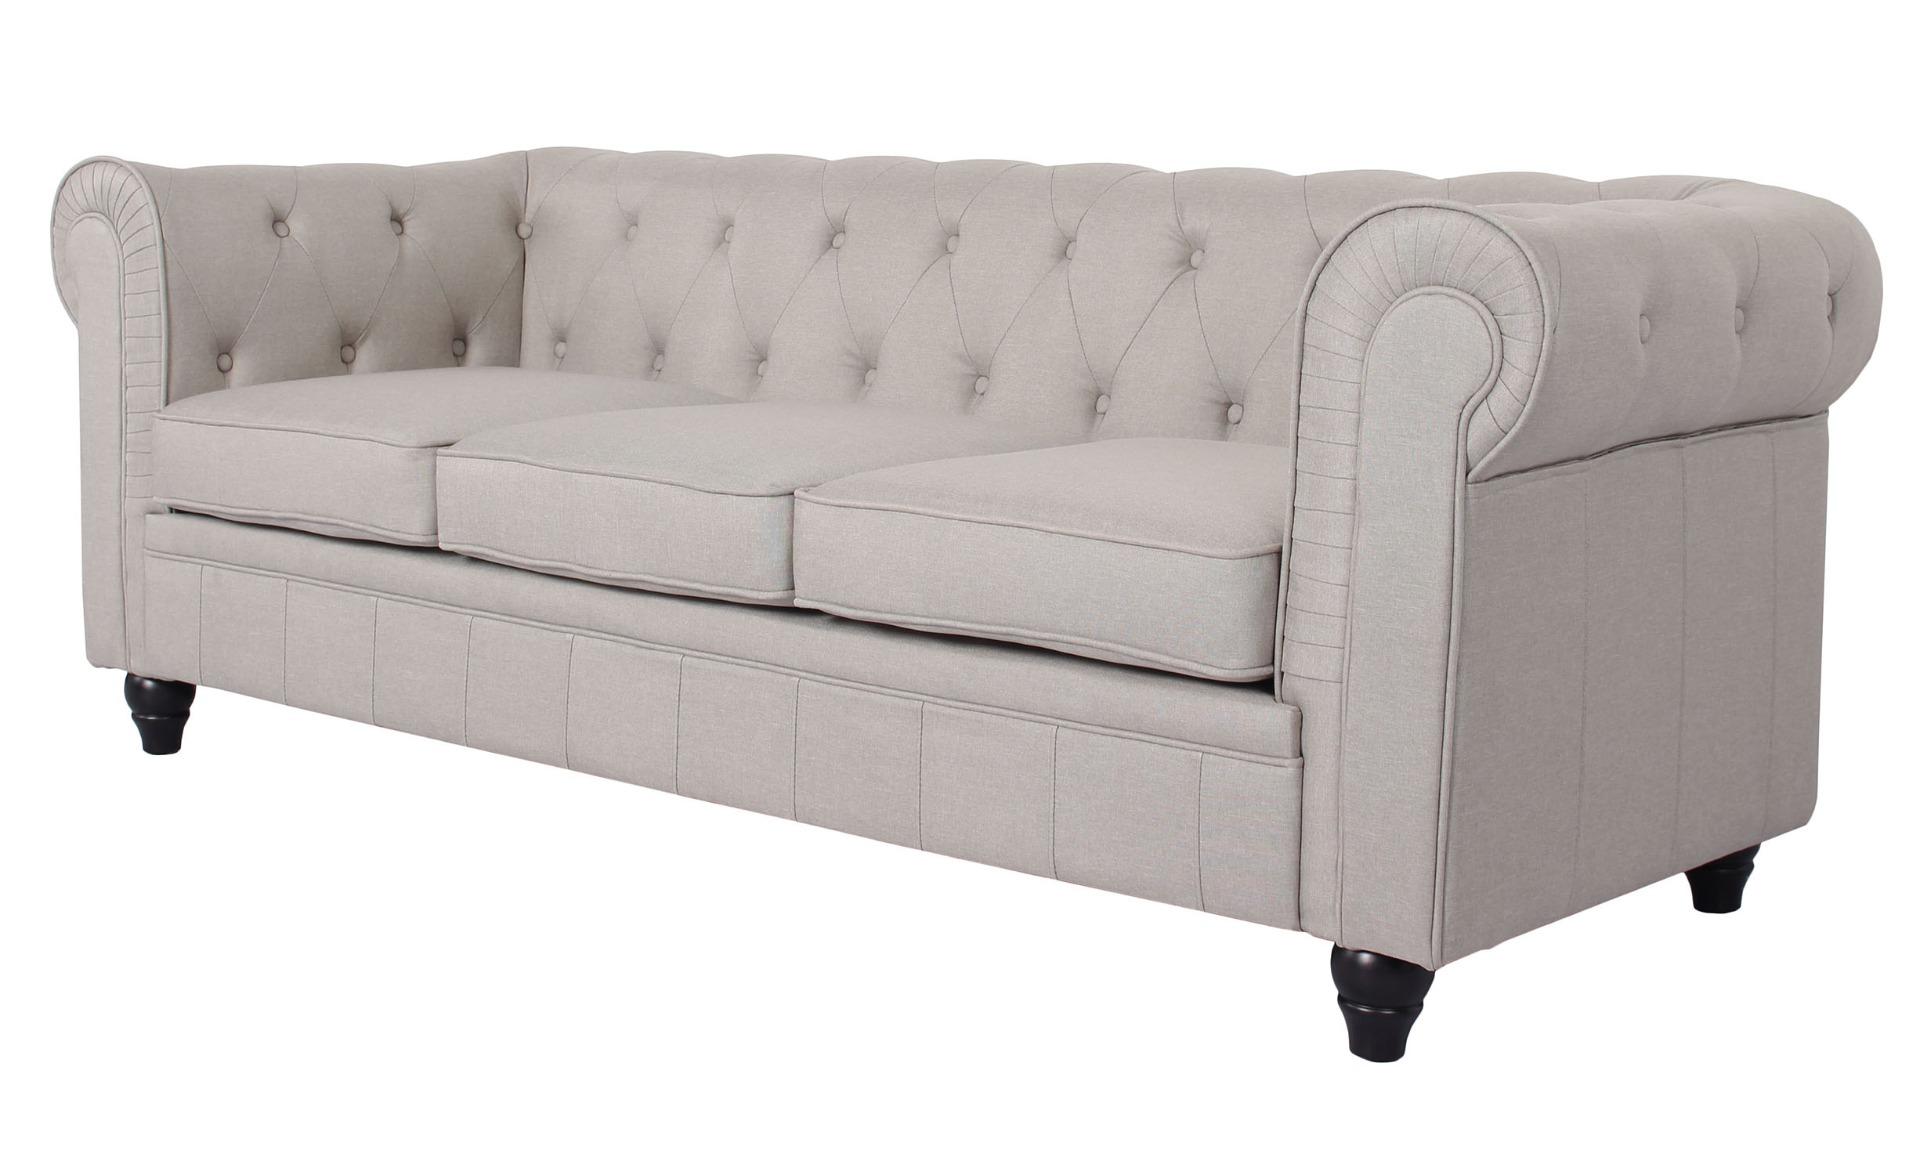 Grande divano chesterfield a 3 posti con effetto lino beige